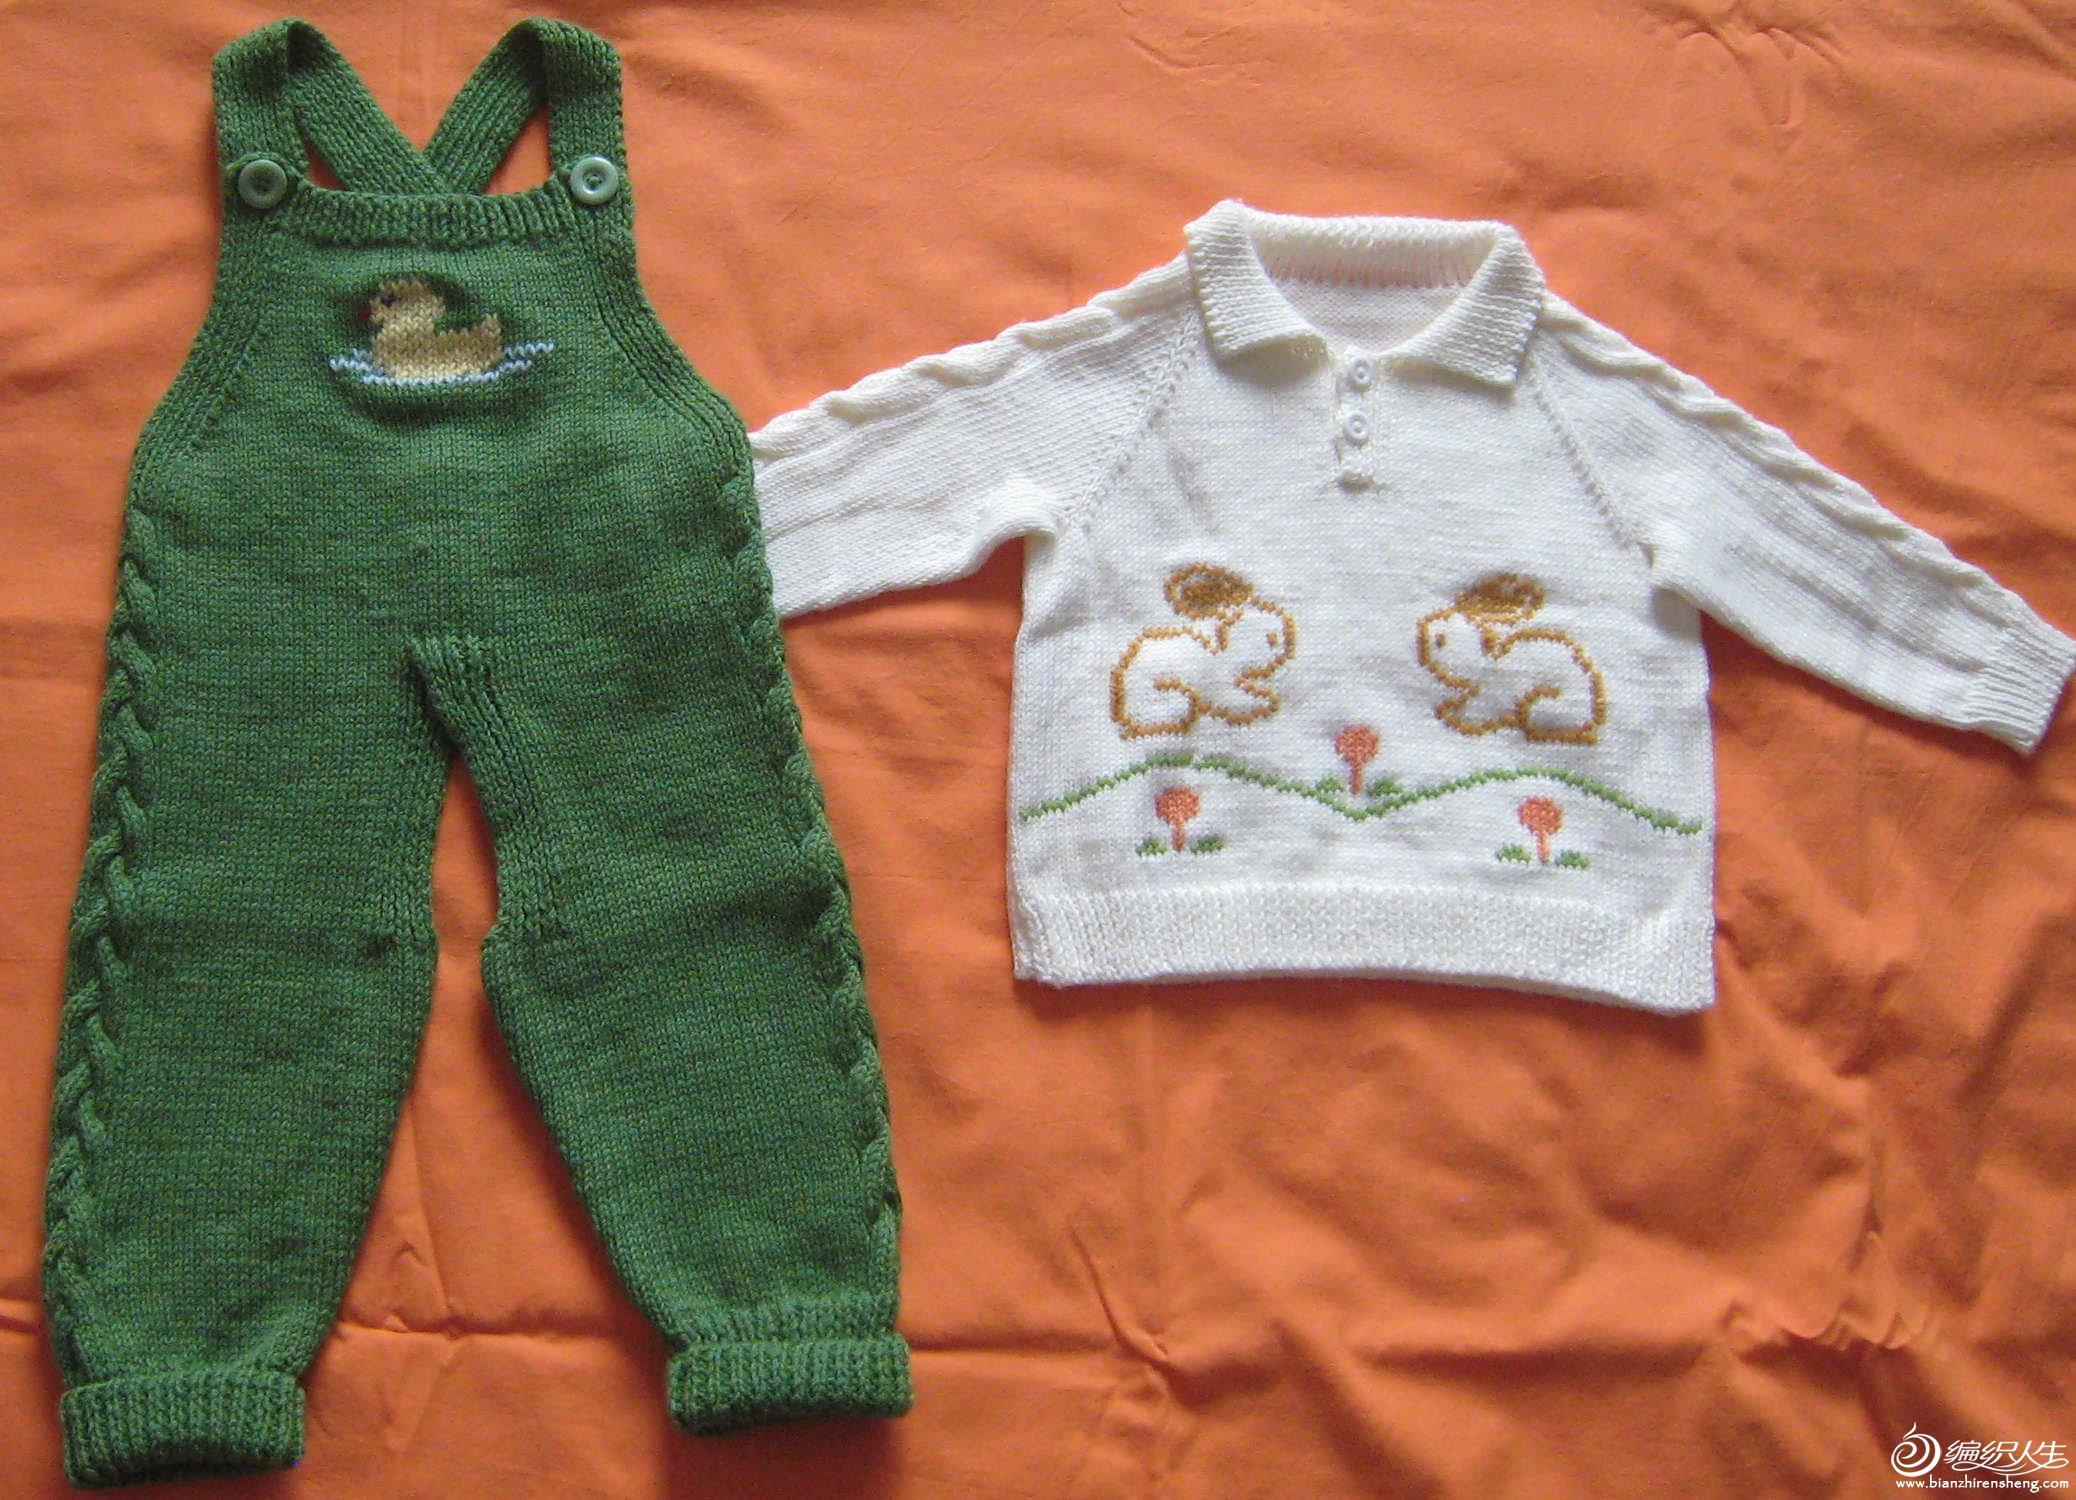 开档背带裤和小兔图案衣